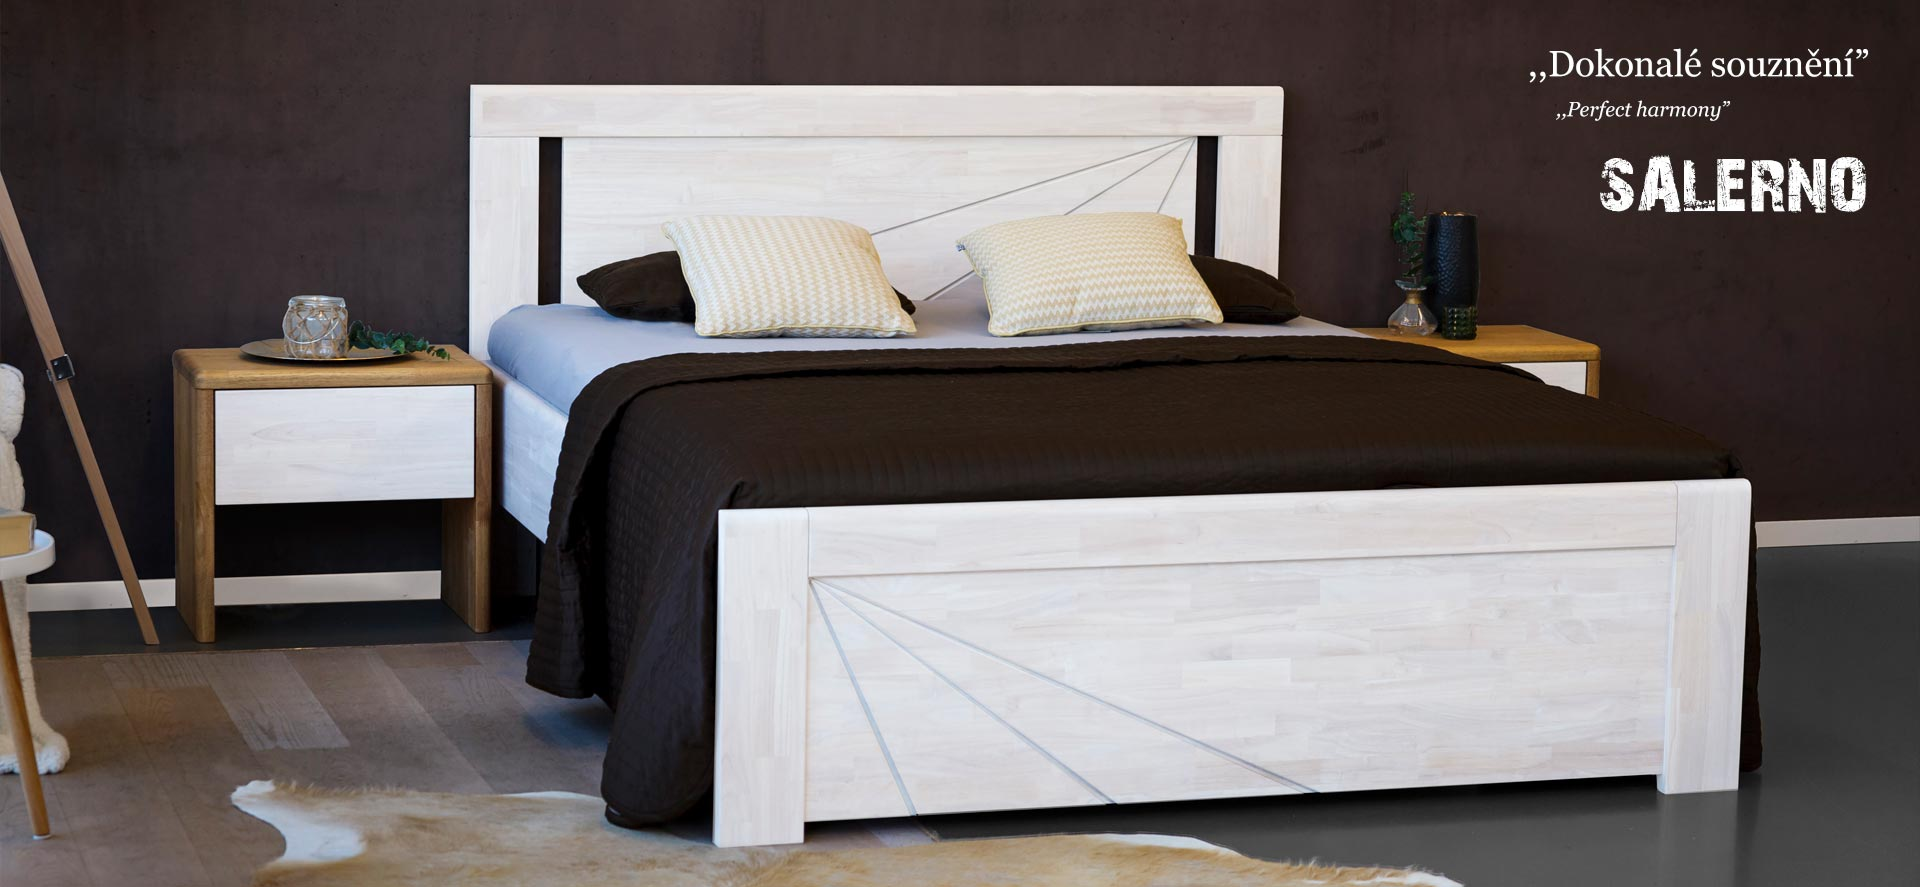 Masivní postel SALERNO